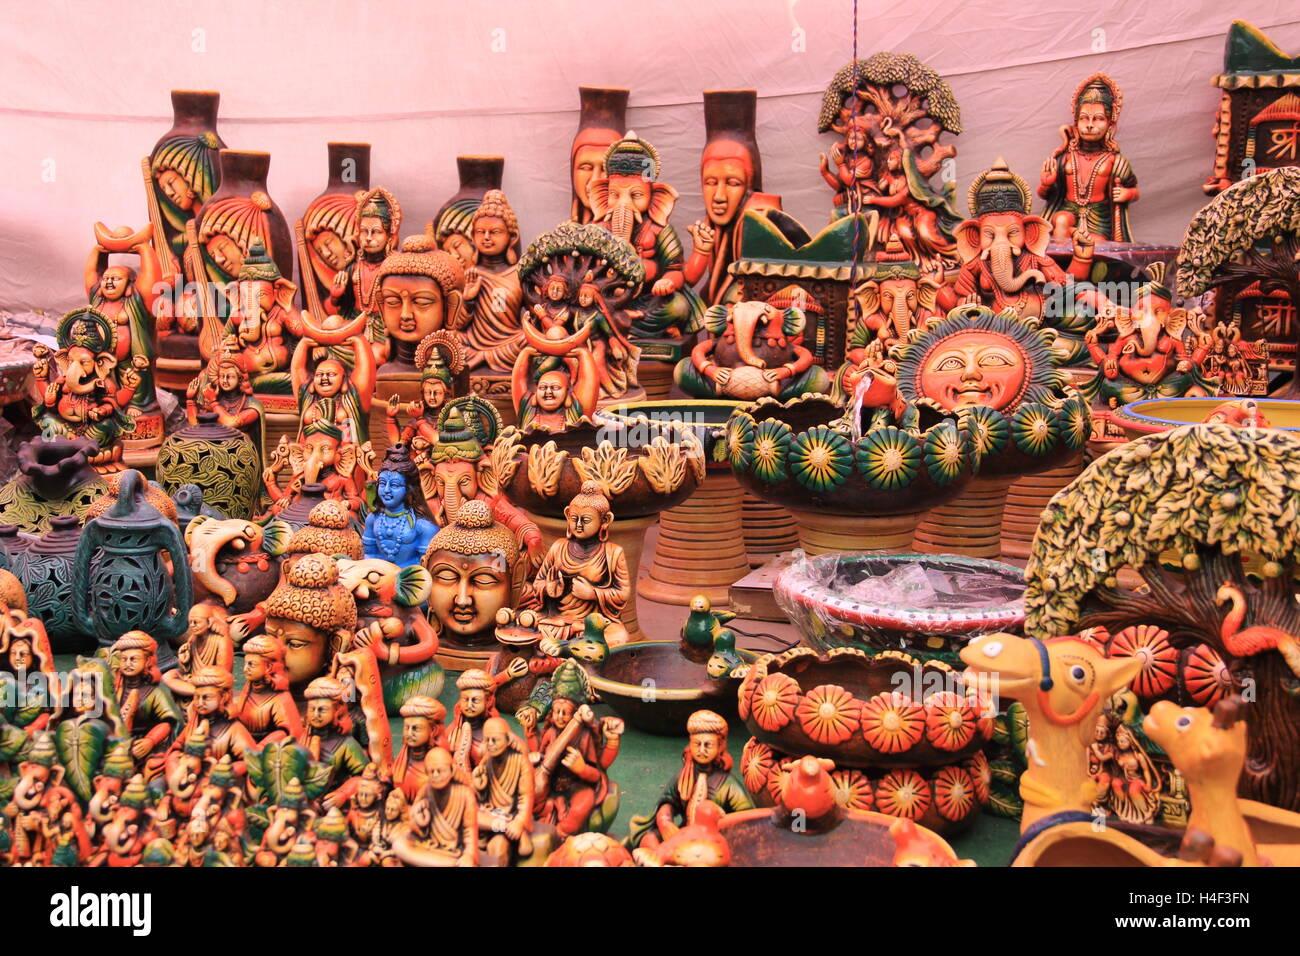 Earthen Dolls - Stock Image